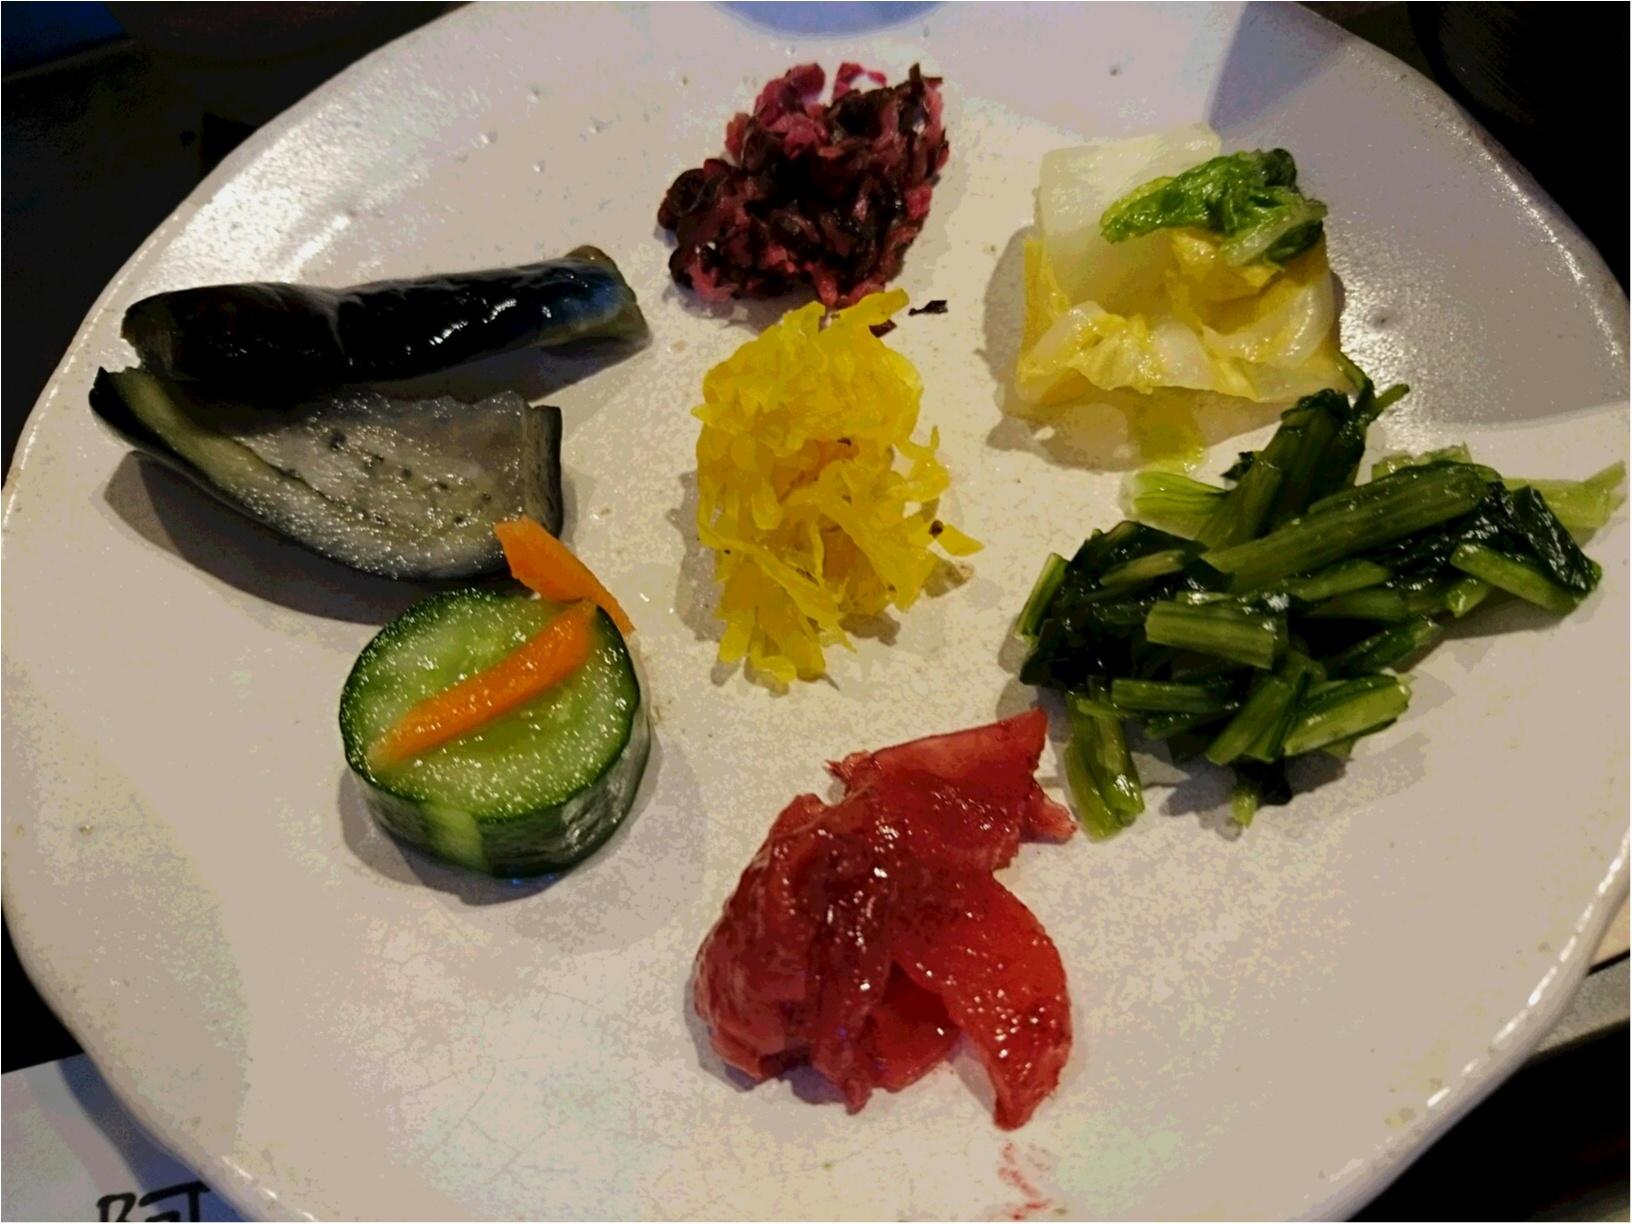 京都のおすすめランチ特集 - 京都女子旅や京都観光におすすめの和食店やレストラン7選_27